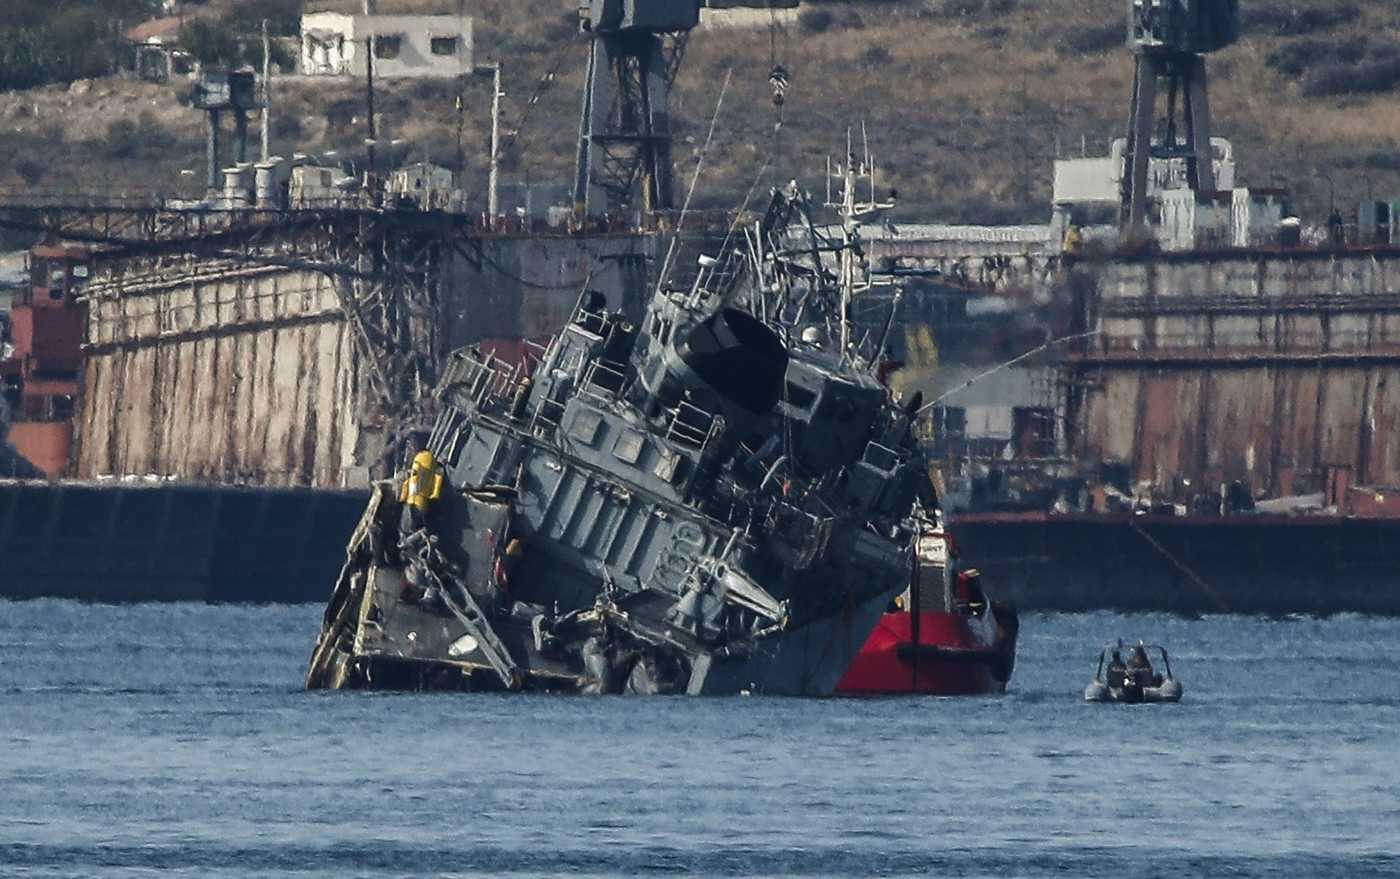 Buque de guerra de Grecia choca con un carguero